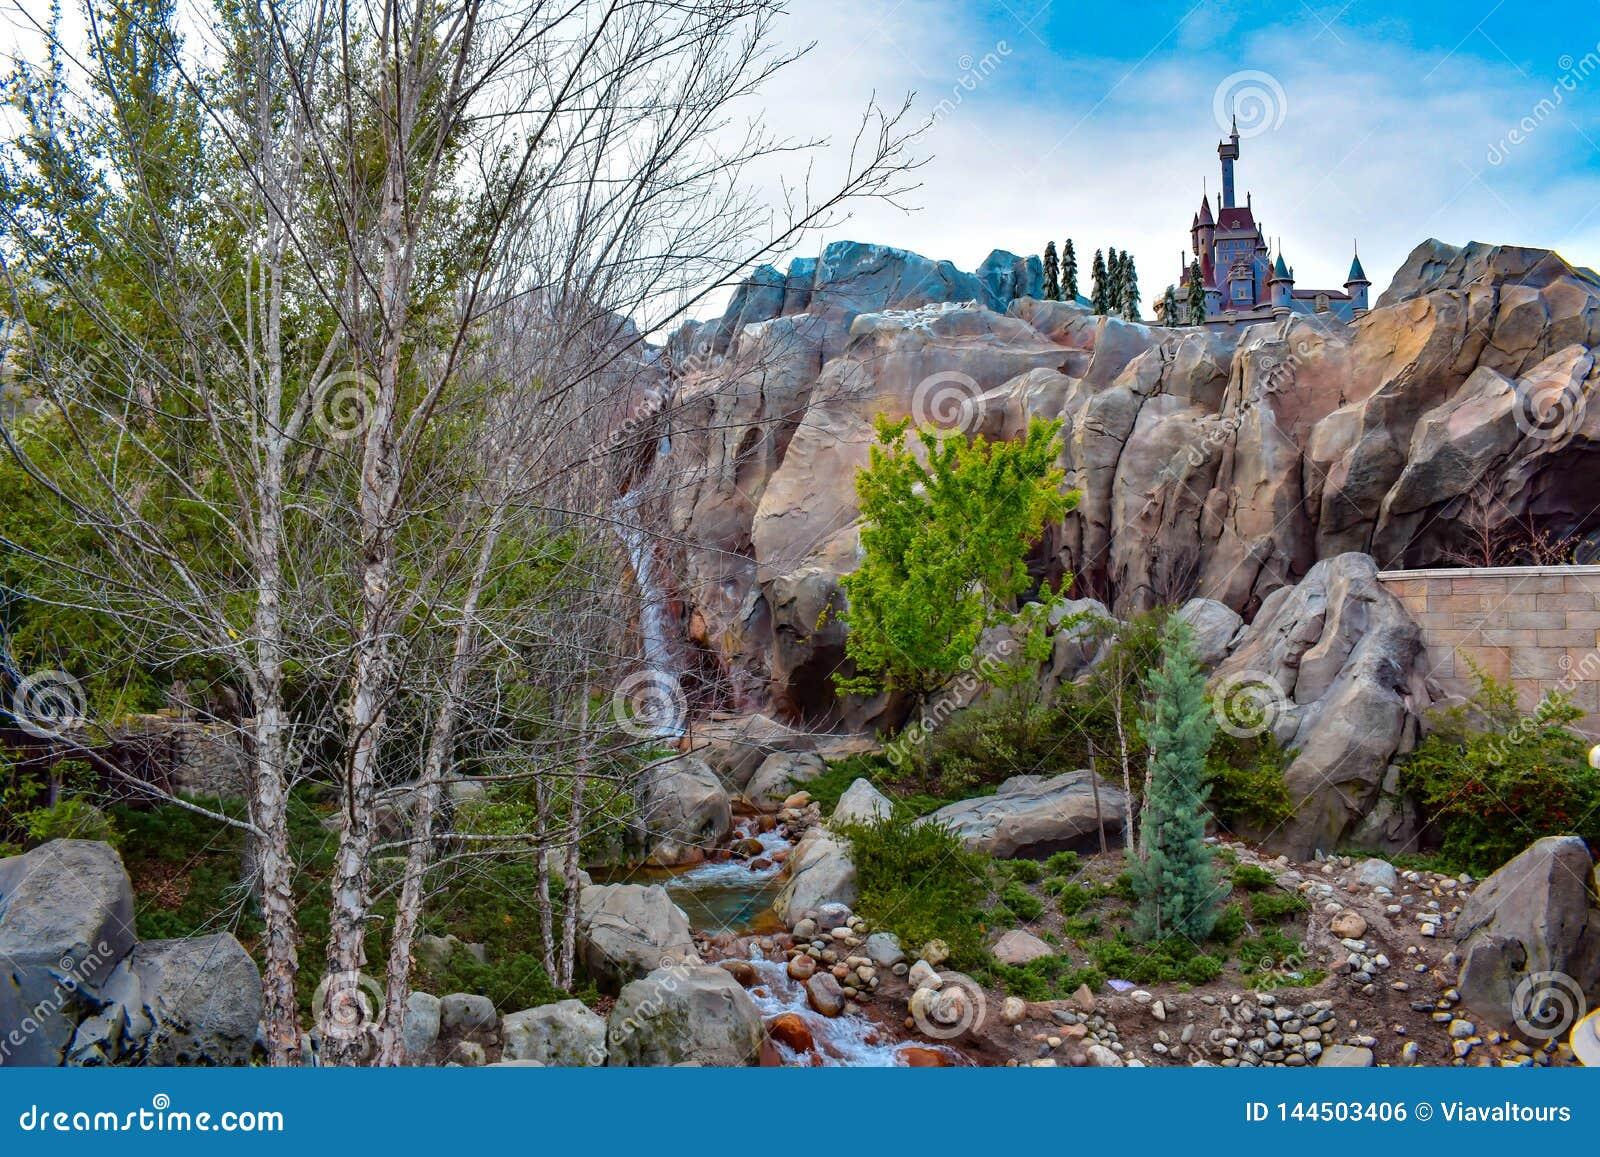 A vista bonita da cachoeira e do castelo do animal seja nosso restaurante do convidado no reino mágico em Walt Disney World